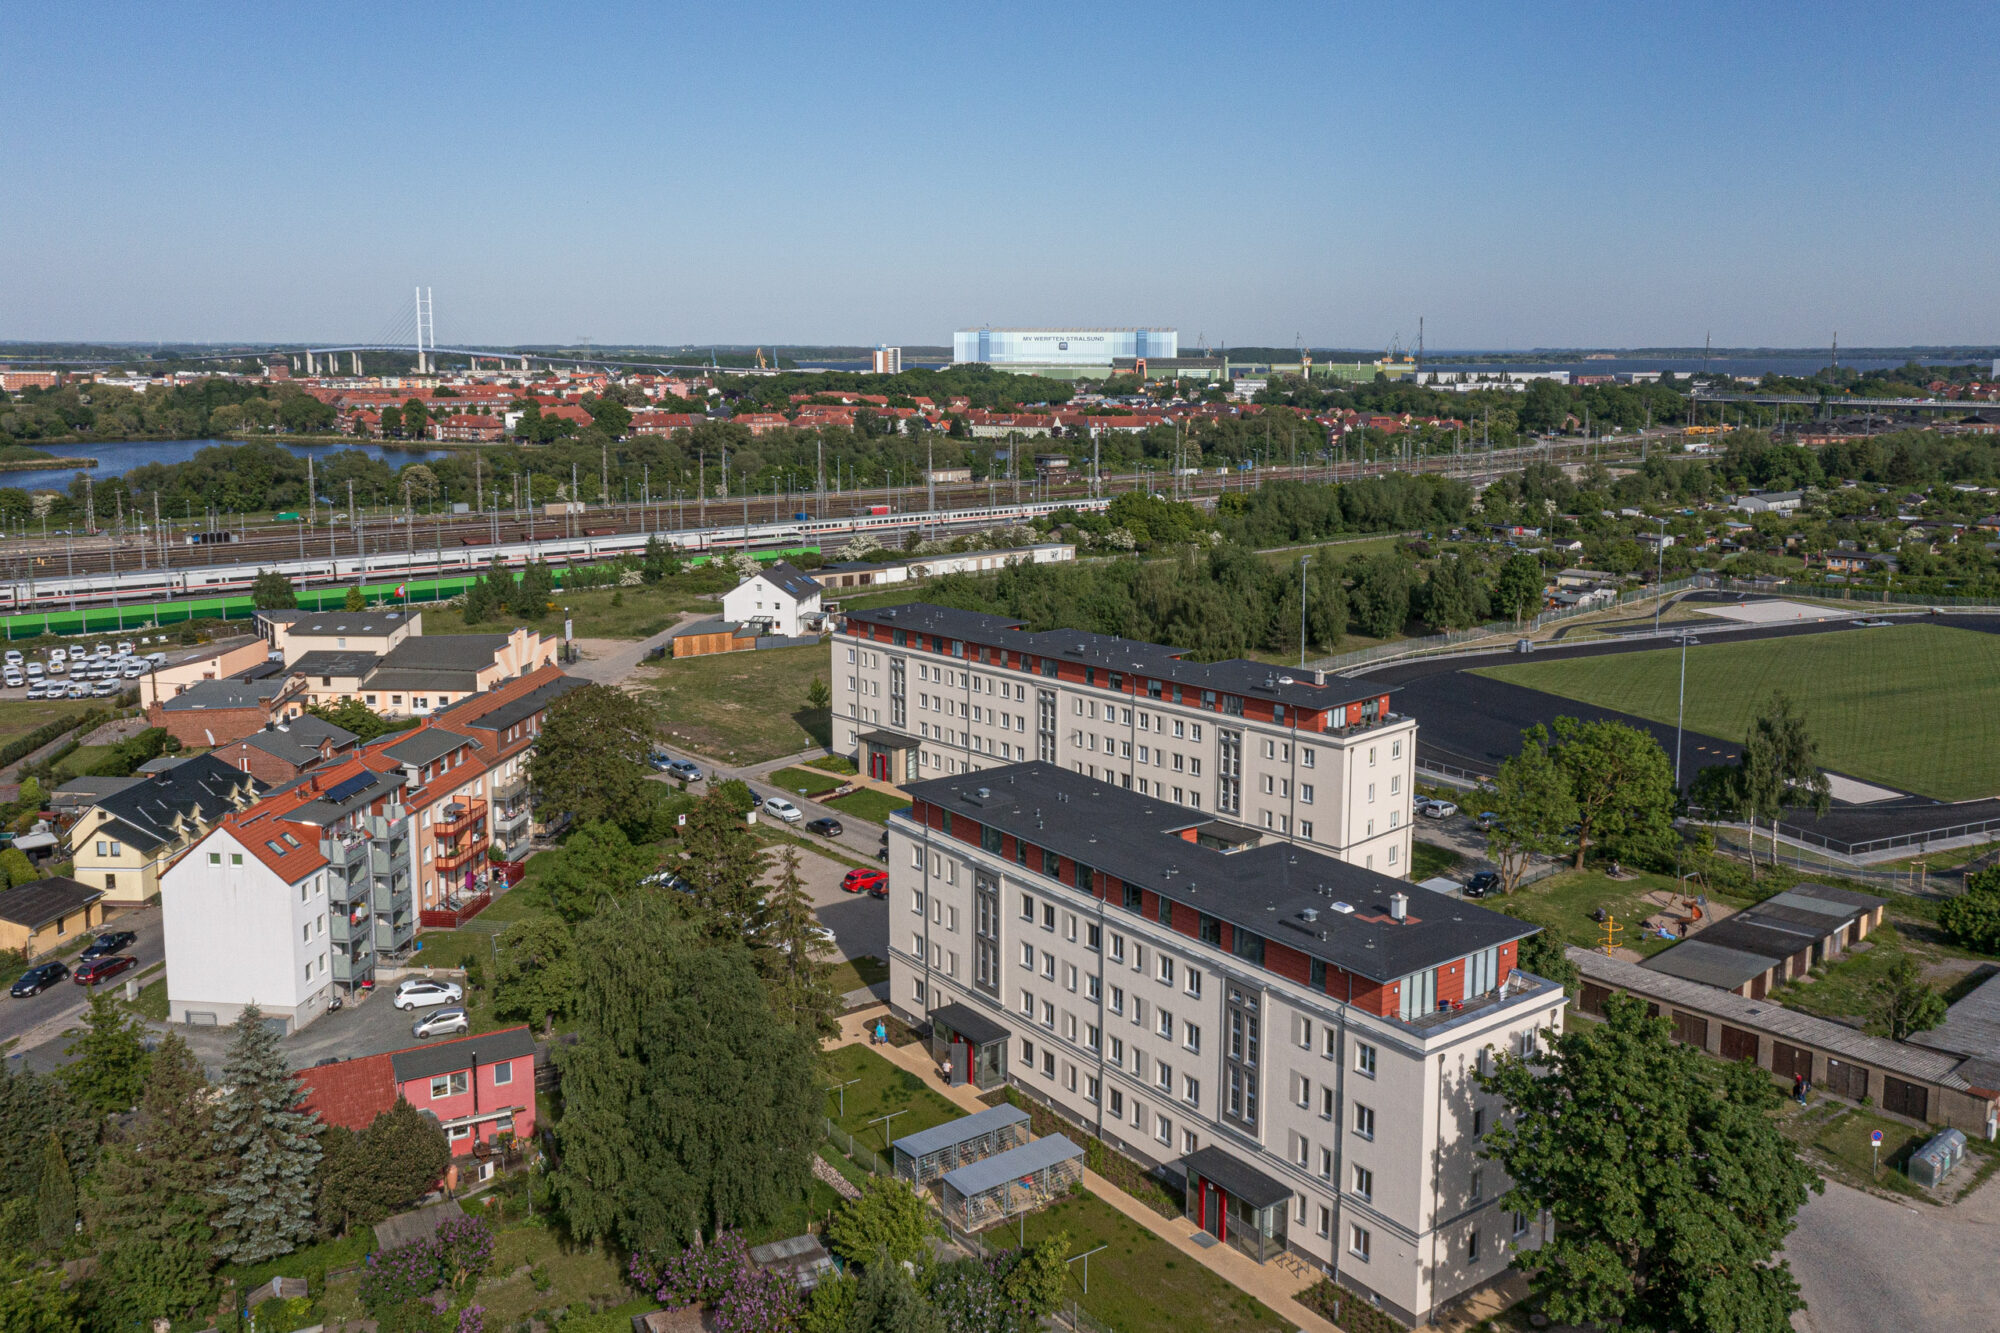 1619 Kupfermühle Stralsund - 18